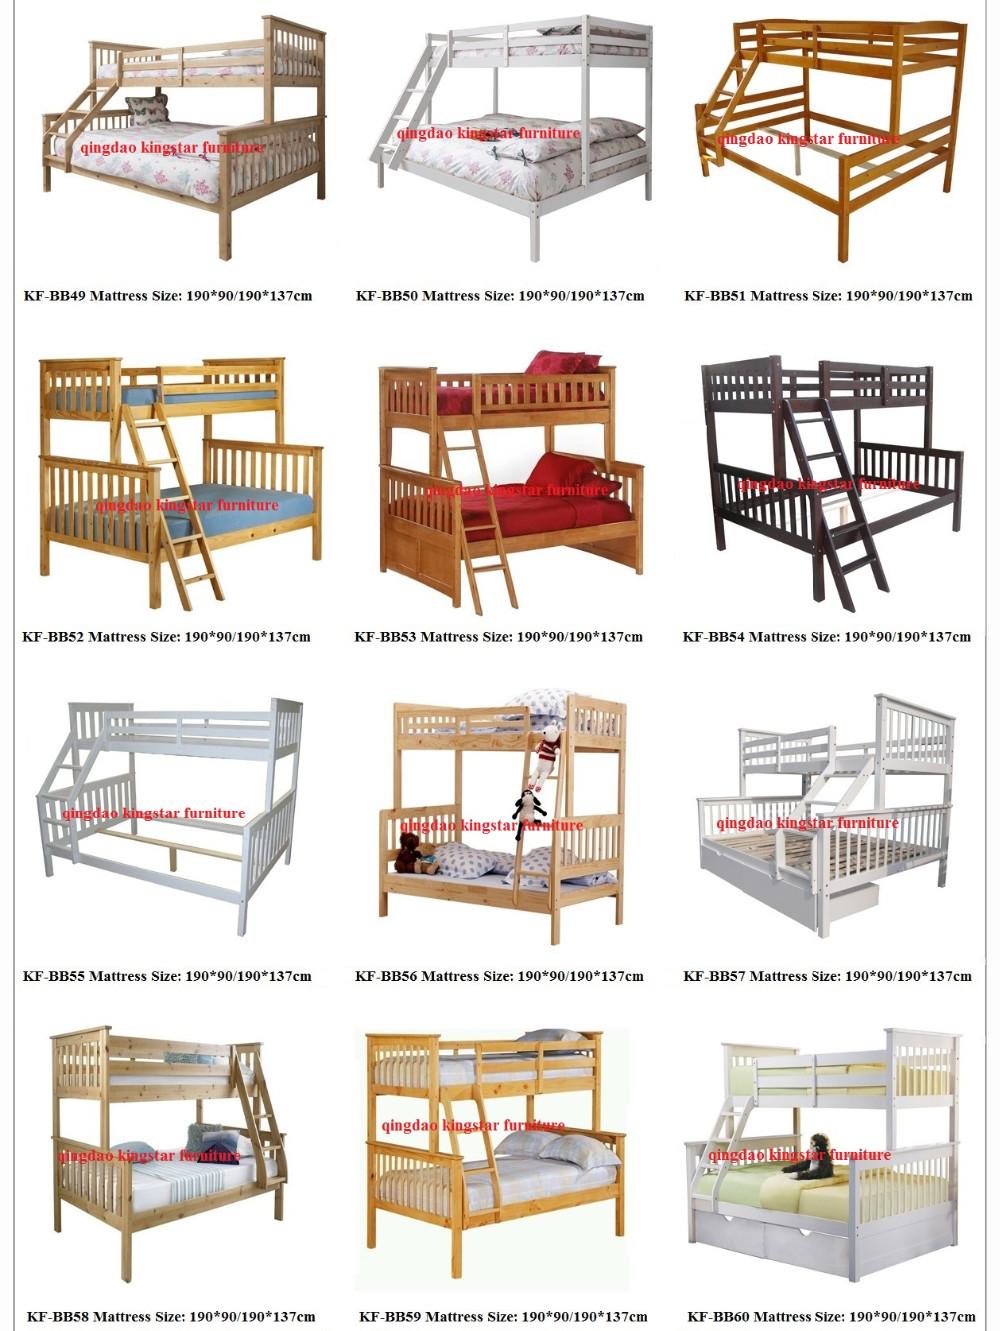 Wooden Bunk Bed Parts Buy Bunk Bed Parts Wooden Bunk Bed